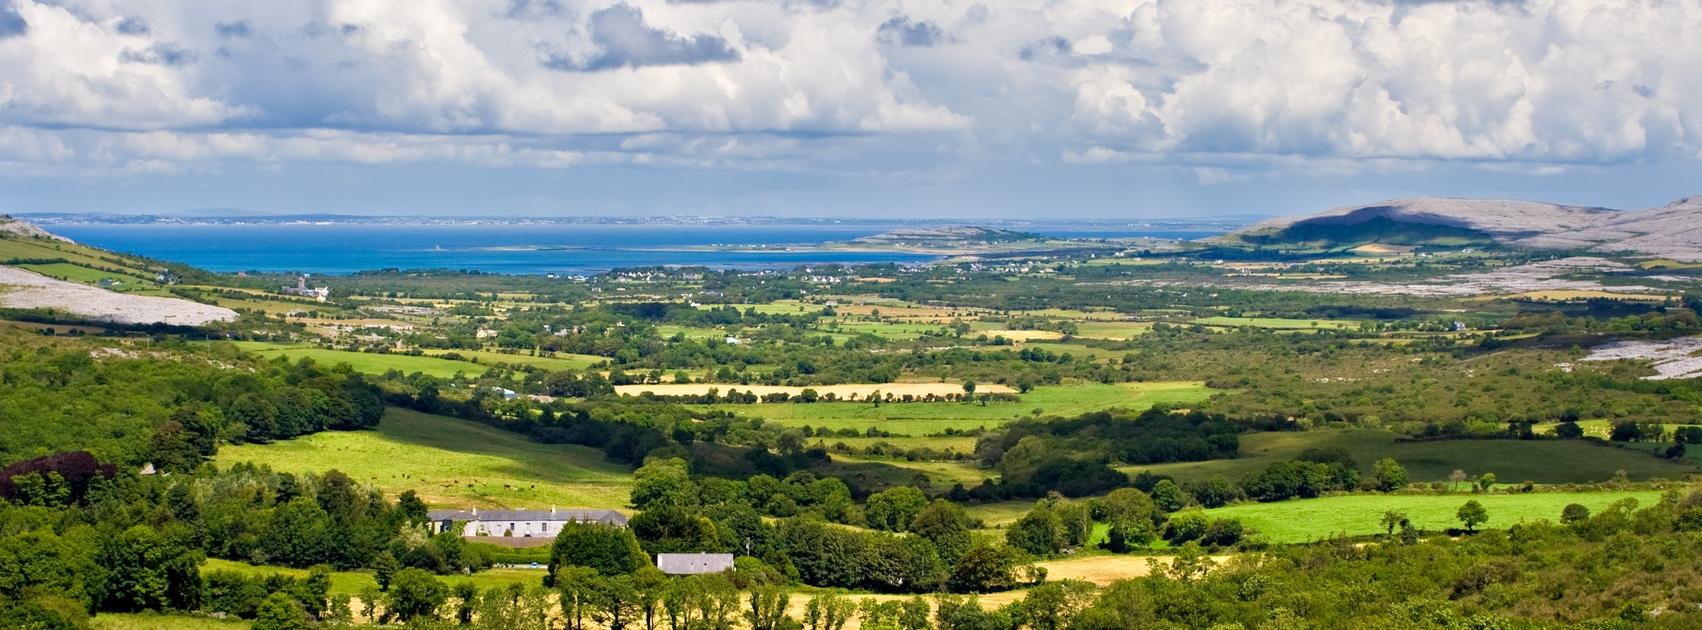 Englisch in Irland - Grafschaft Clare - Landschaft - Natur - Abwechlungsreich